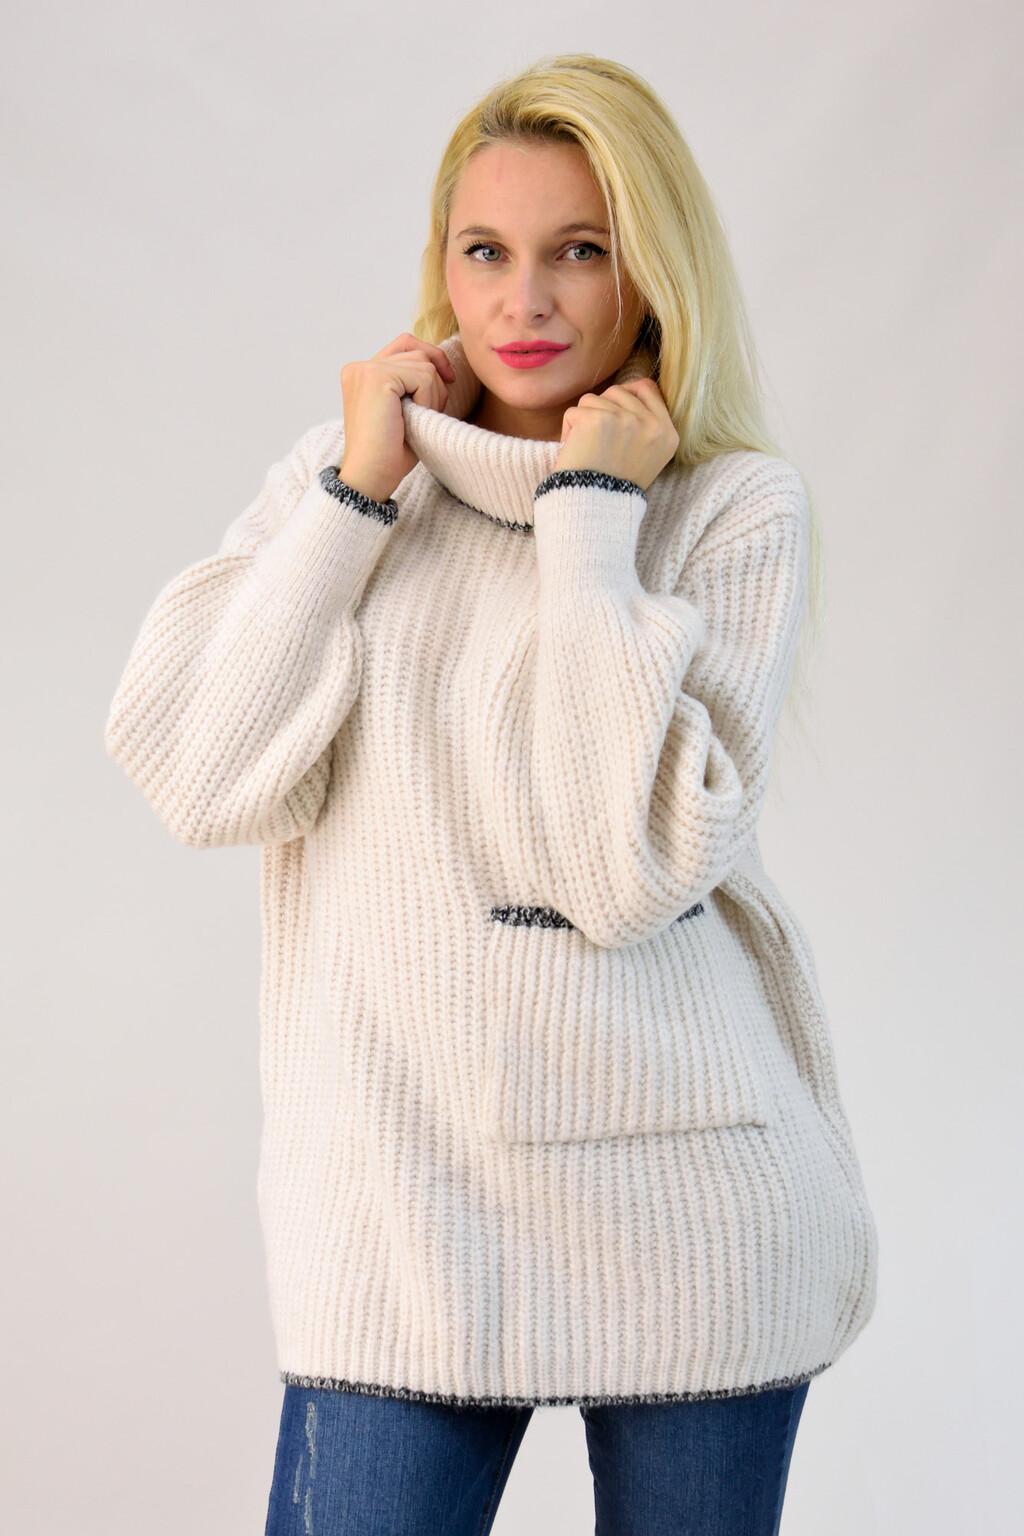 21d897fa50ae Πλεκτό πουλόβερ oversized με τσέπη